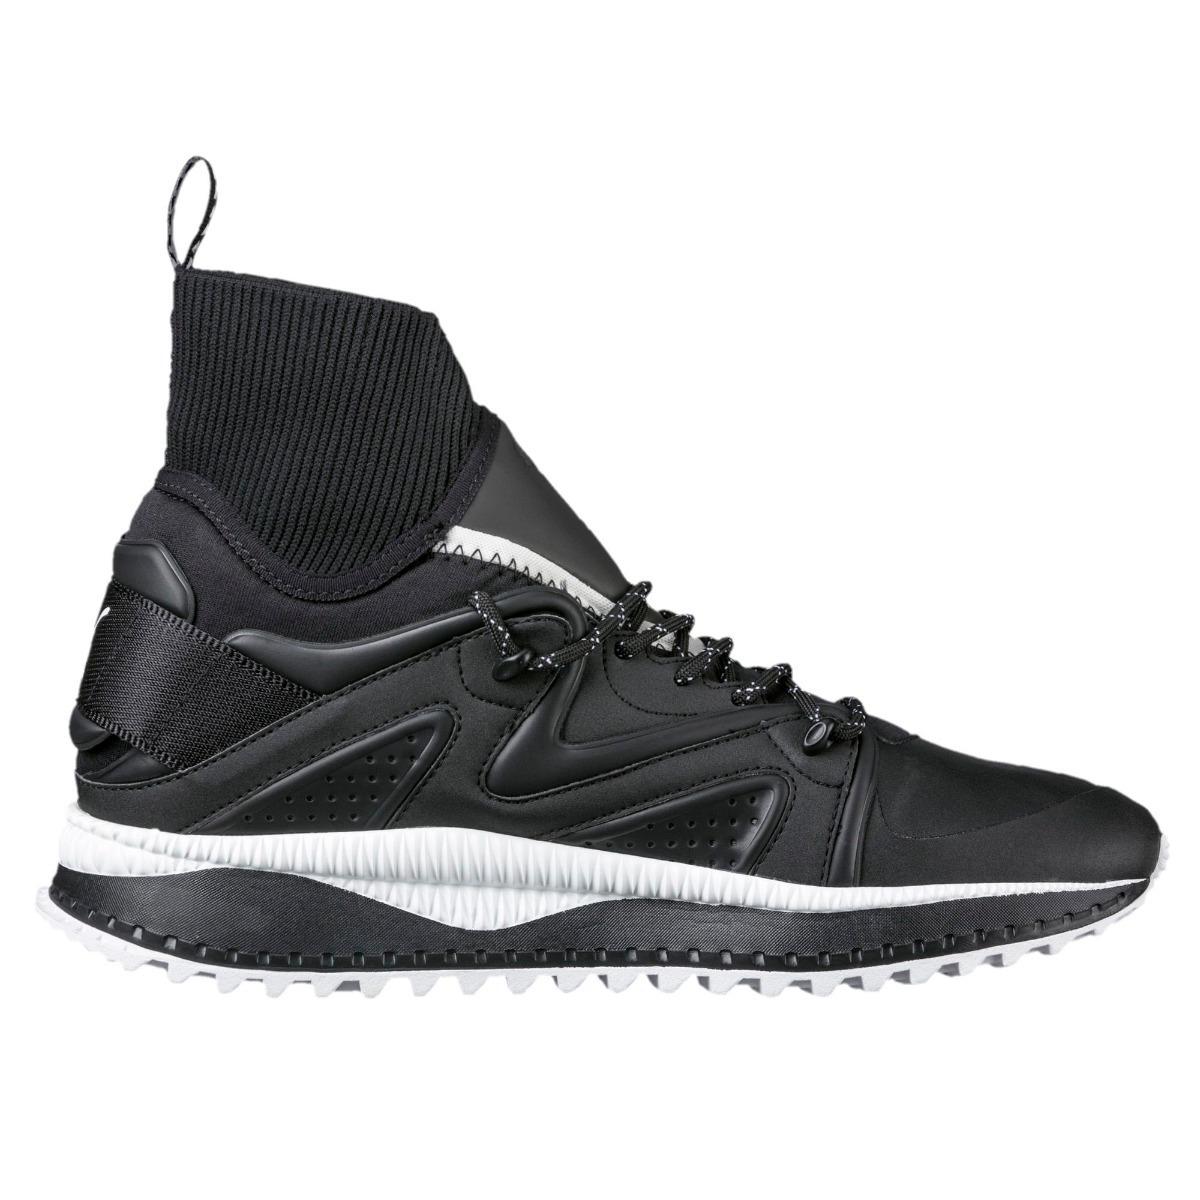 de7692a1b3a Cargando zoom... 4 tenis puma tsugi kori hi training shoes gym original  hombre